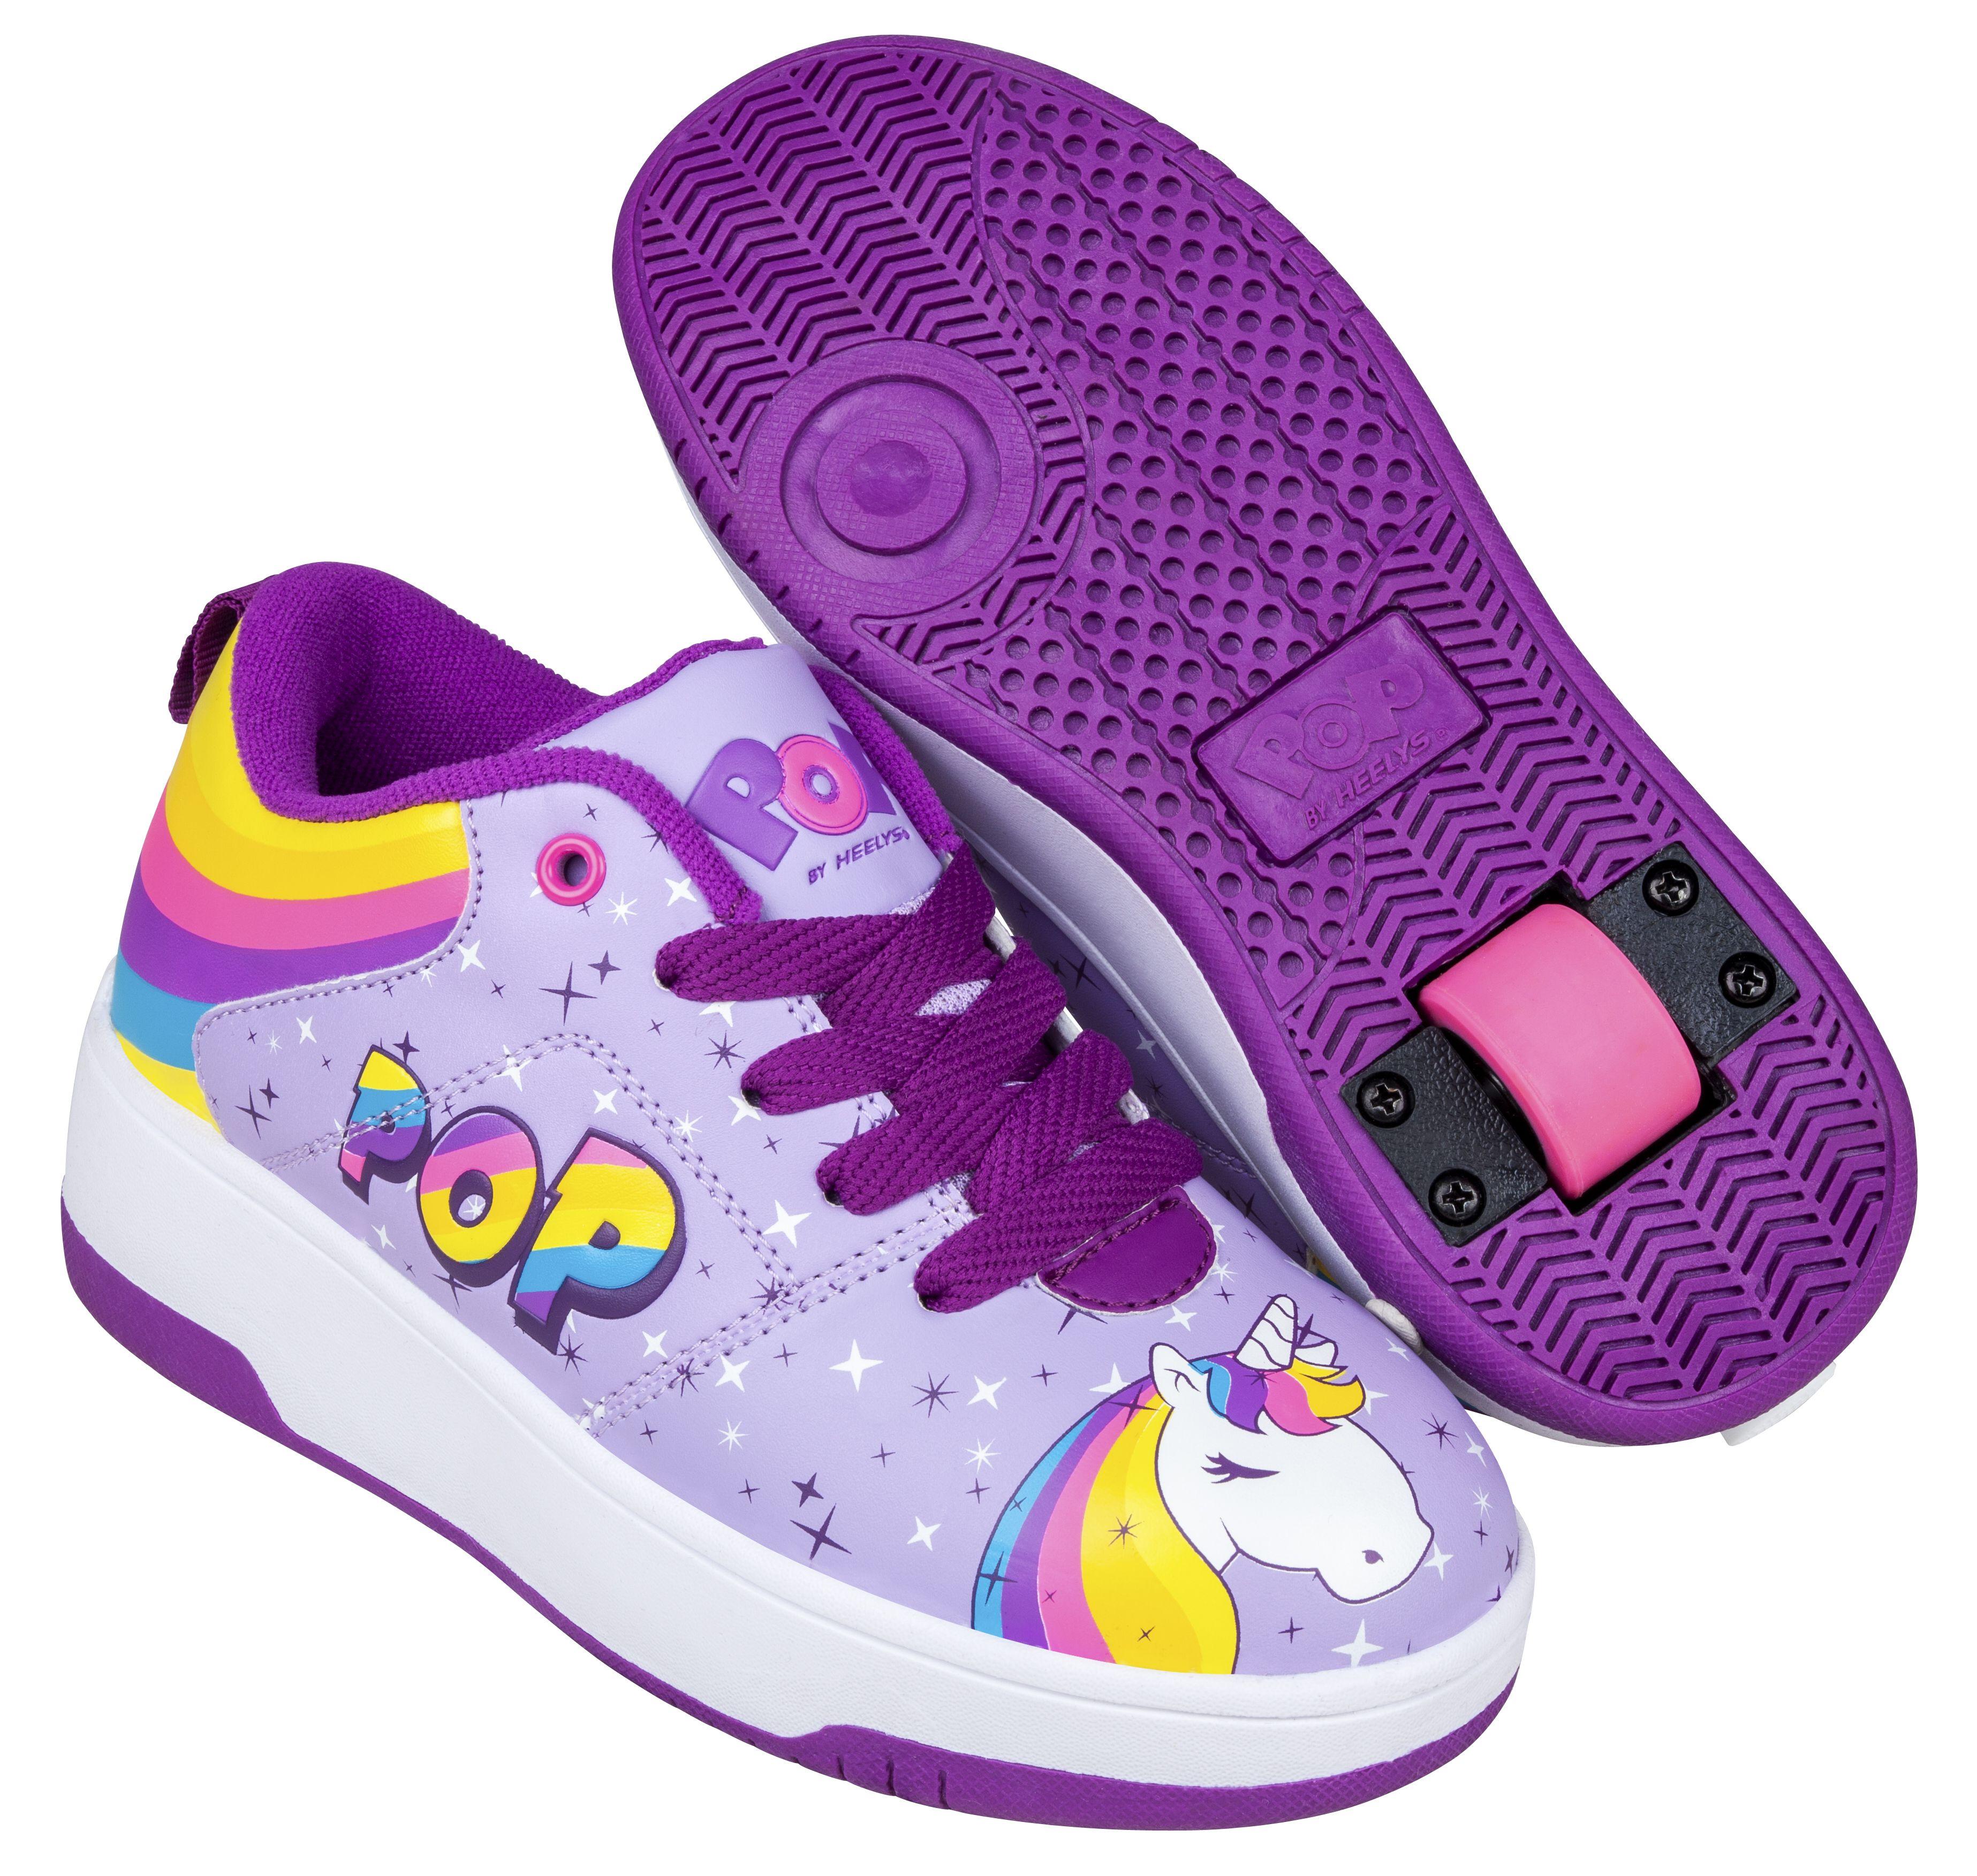 Heelys - POP Shoes - Purple (Size 33) (POP-G1W-0064)